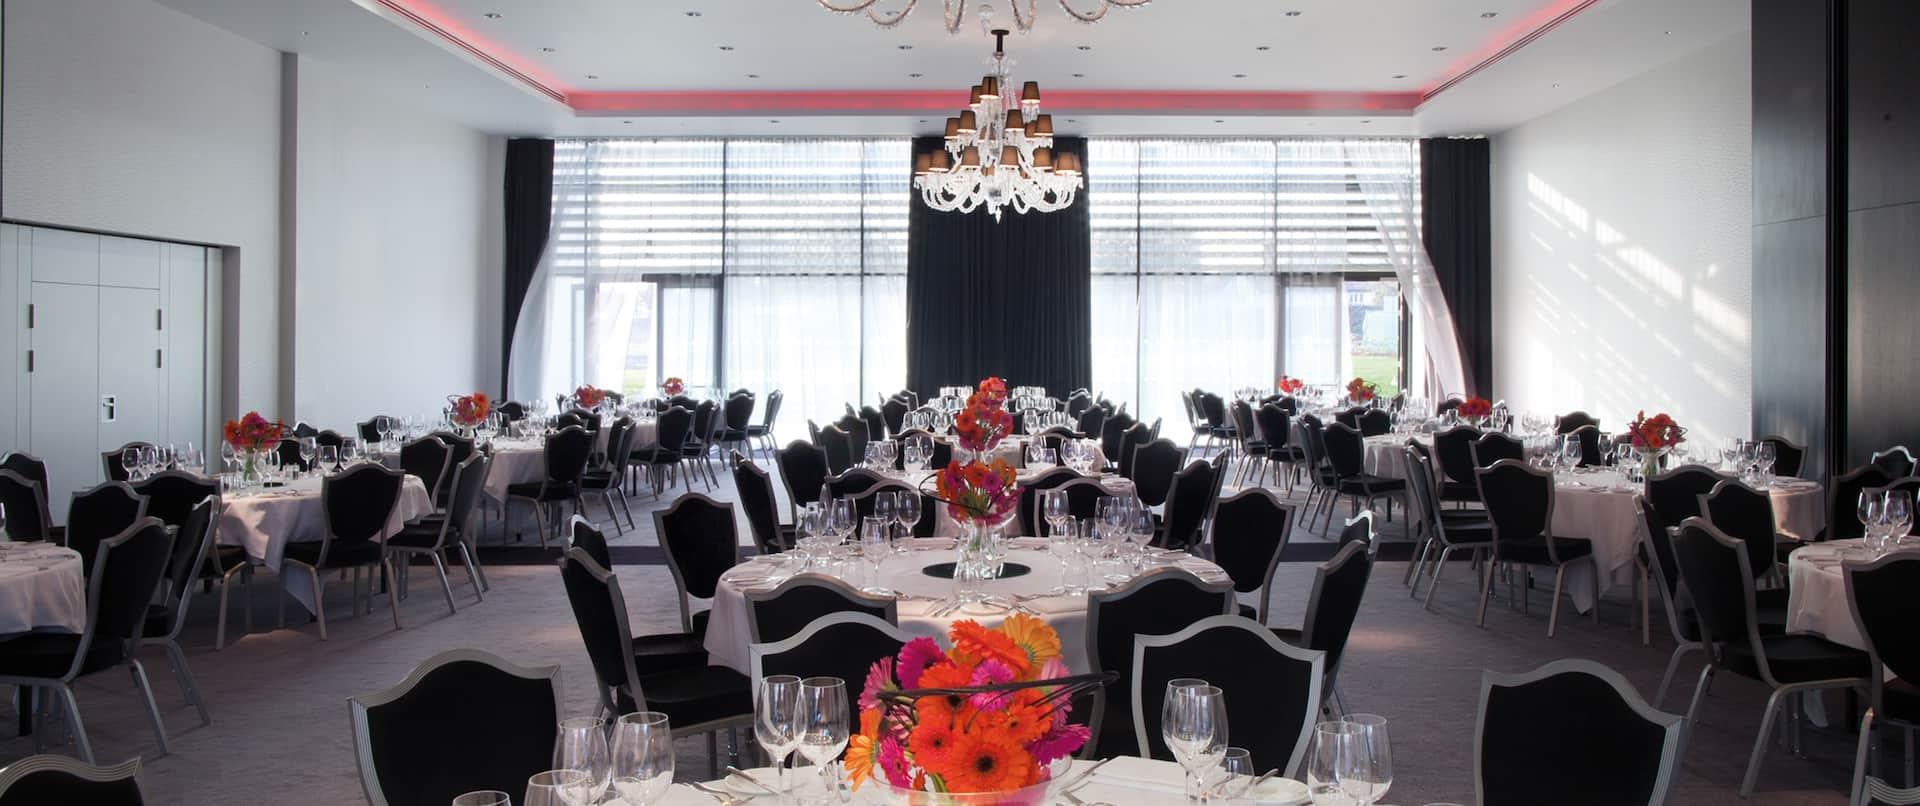 Syon Ballroom